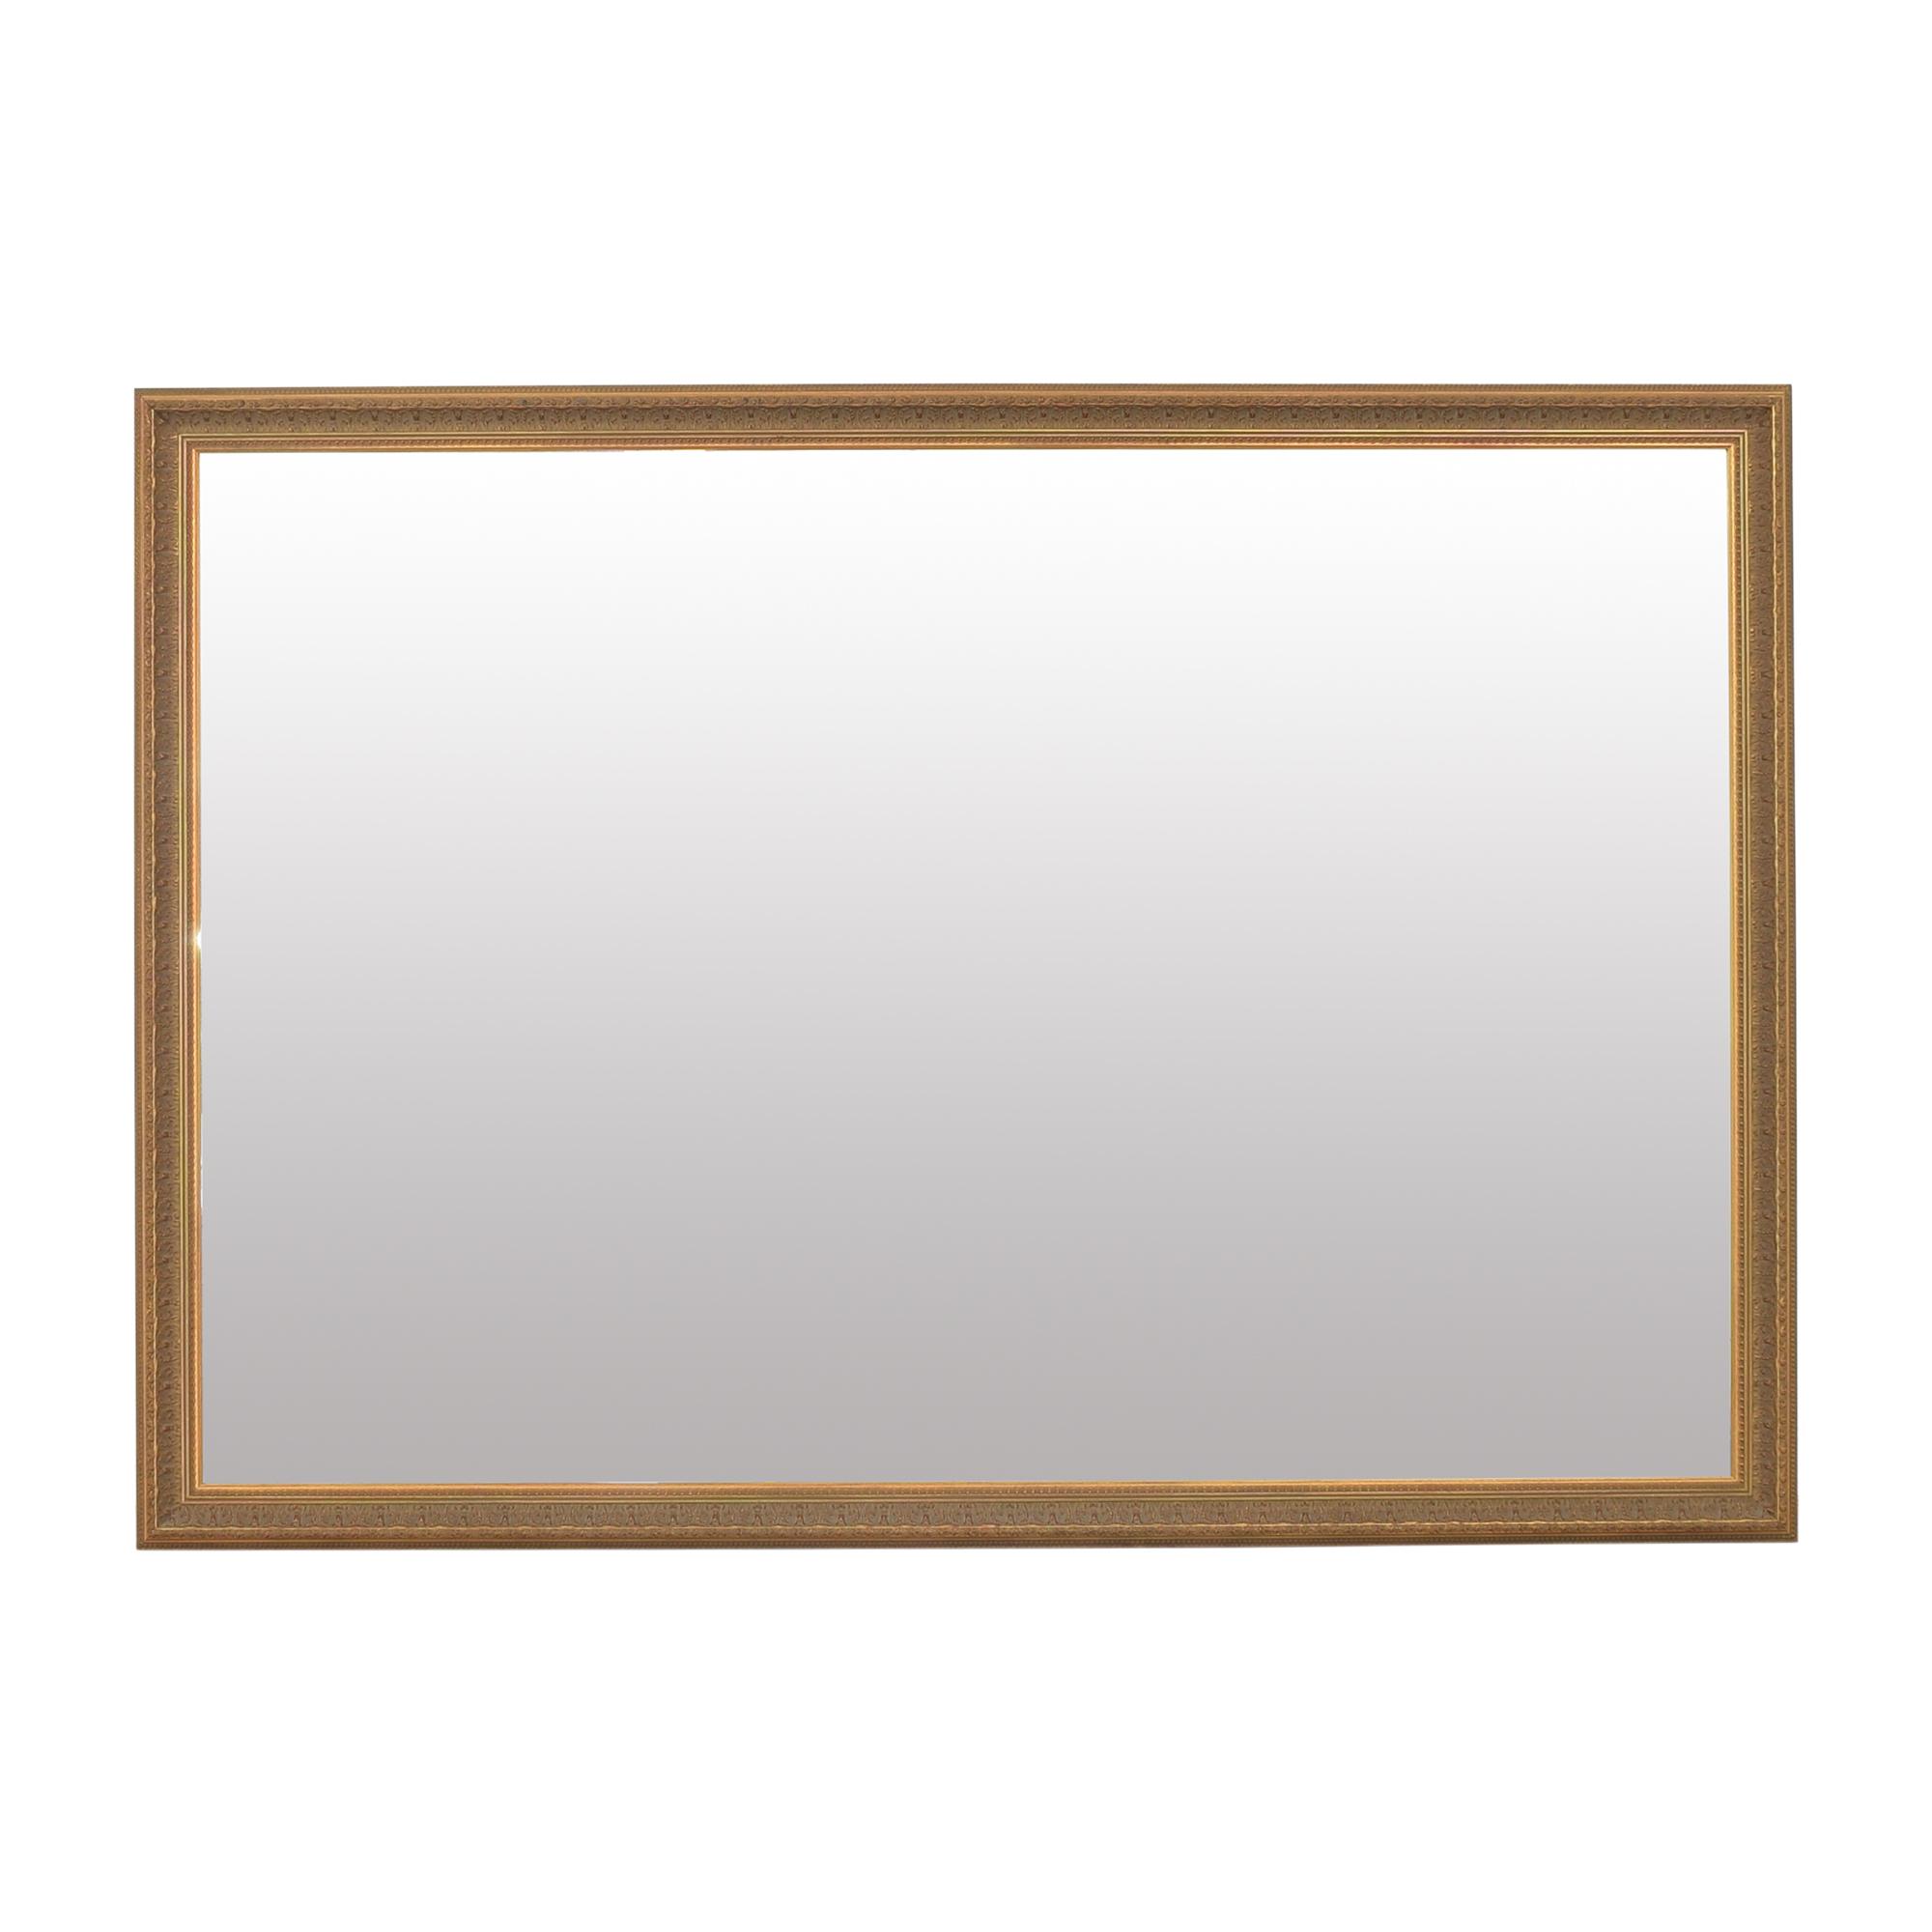 buy  Large Ornate Rectangular Mirror online